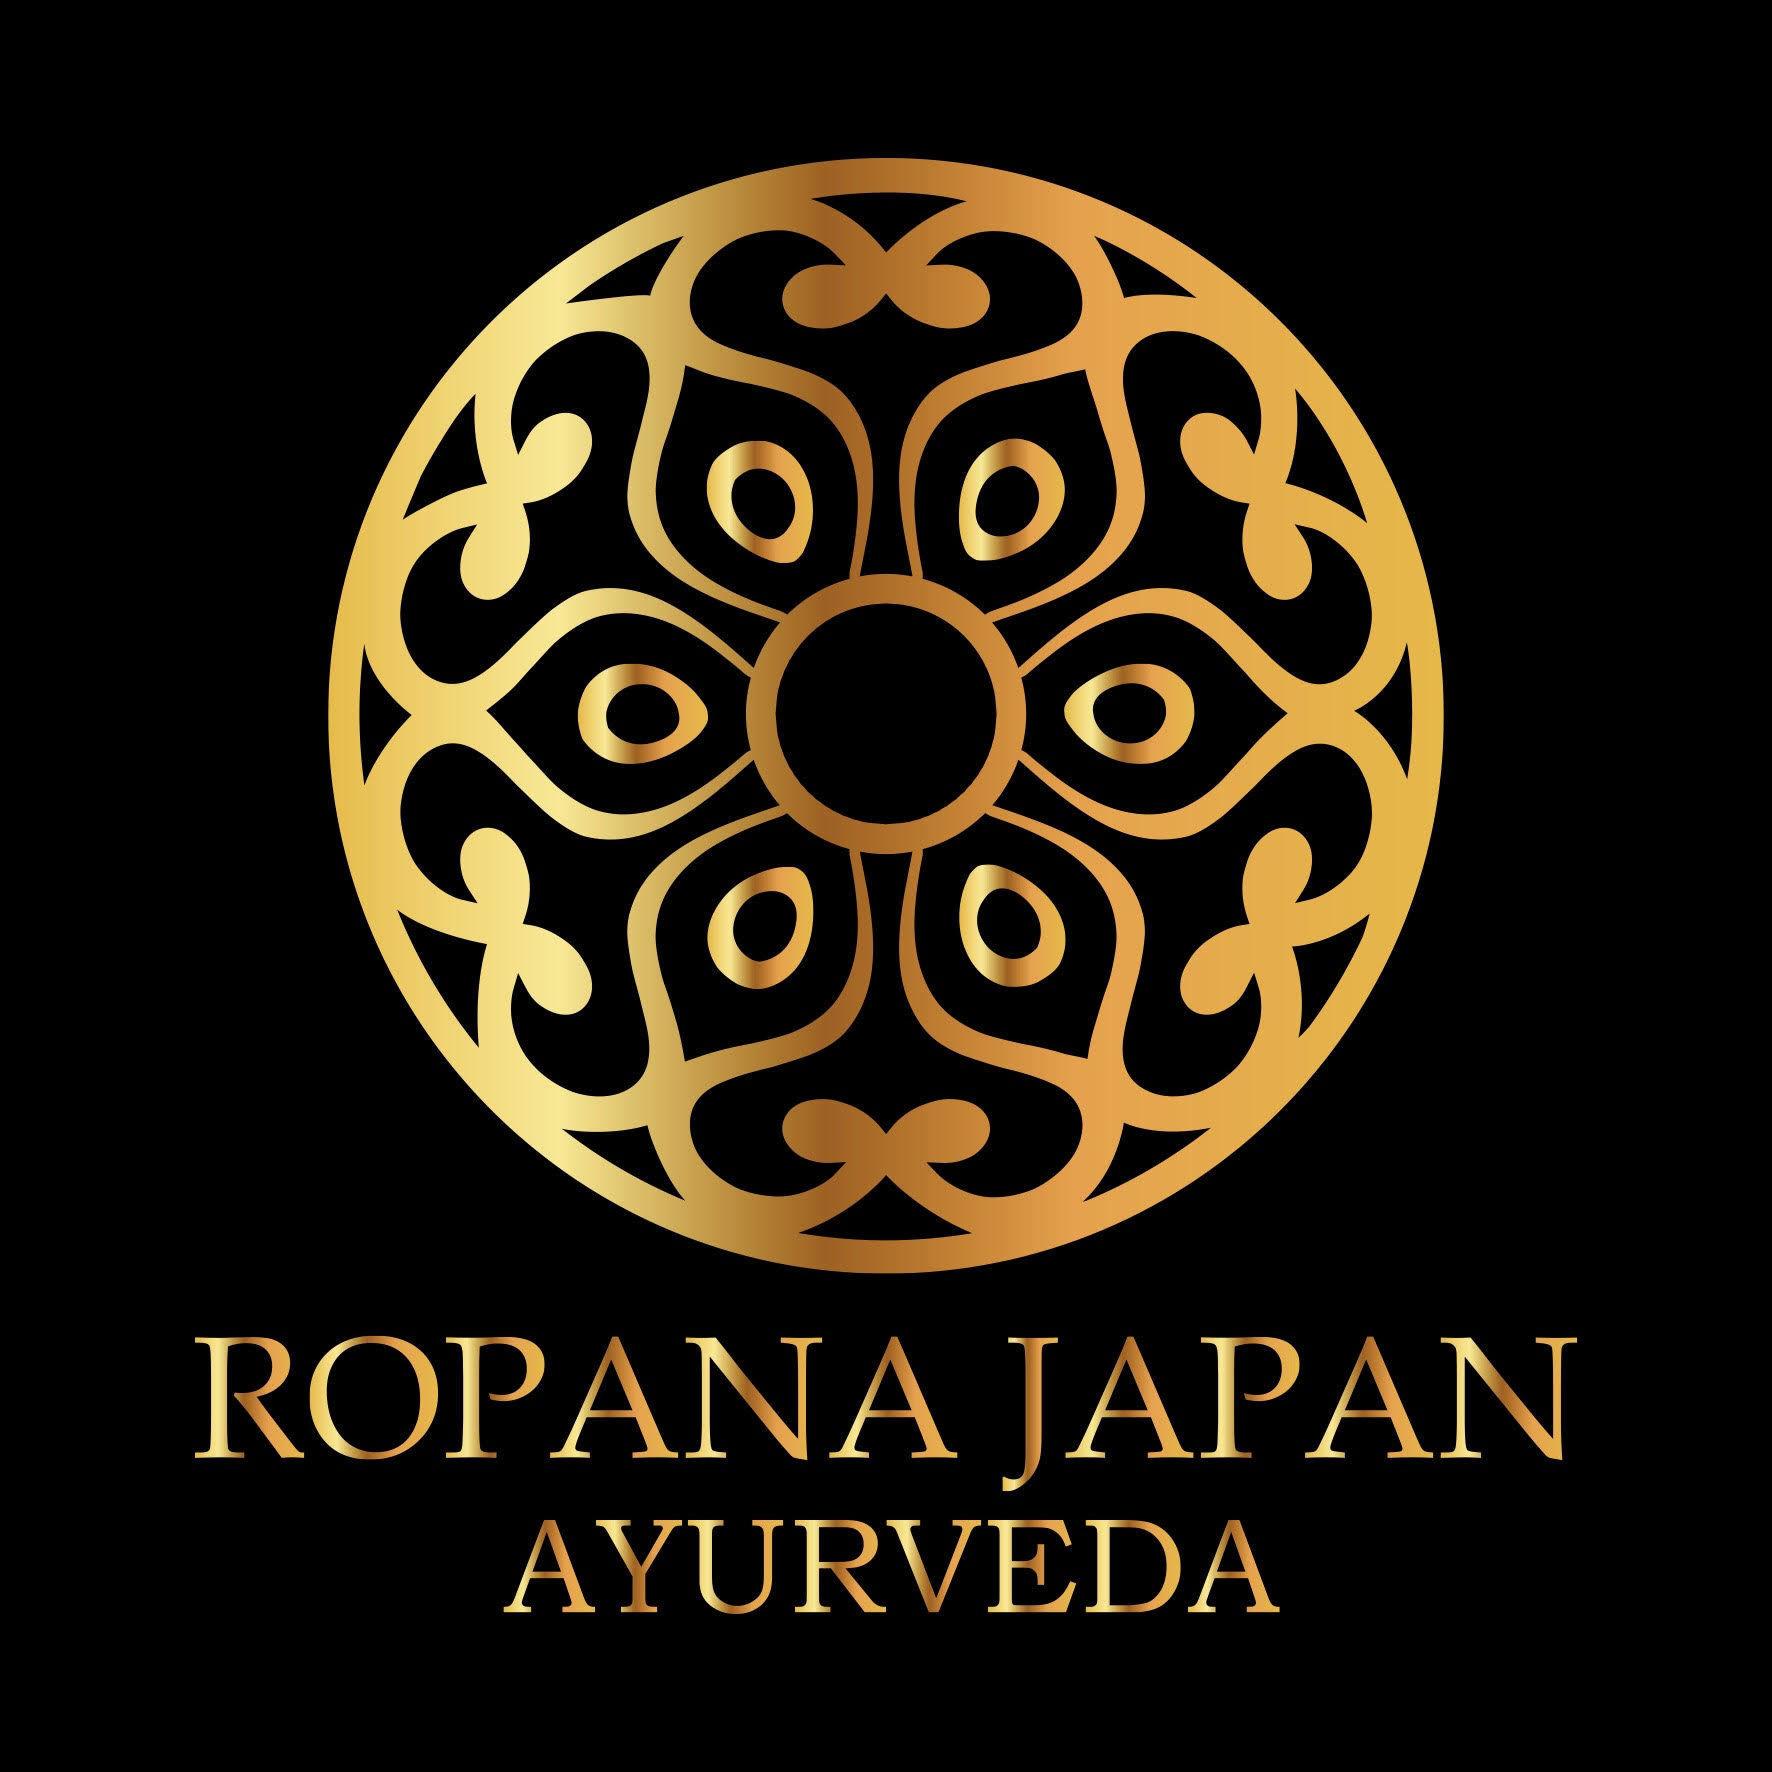 ROPANA JAPAN